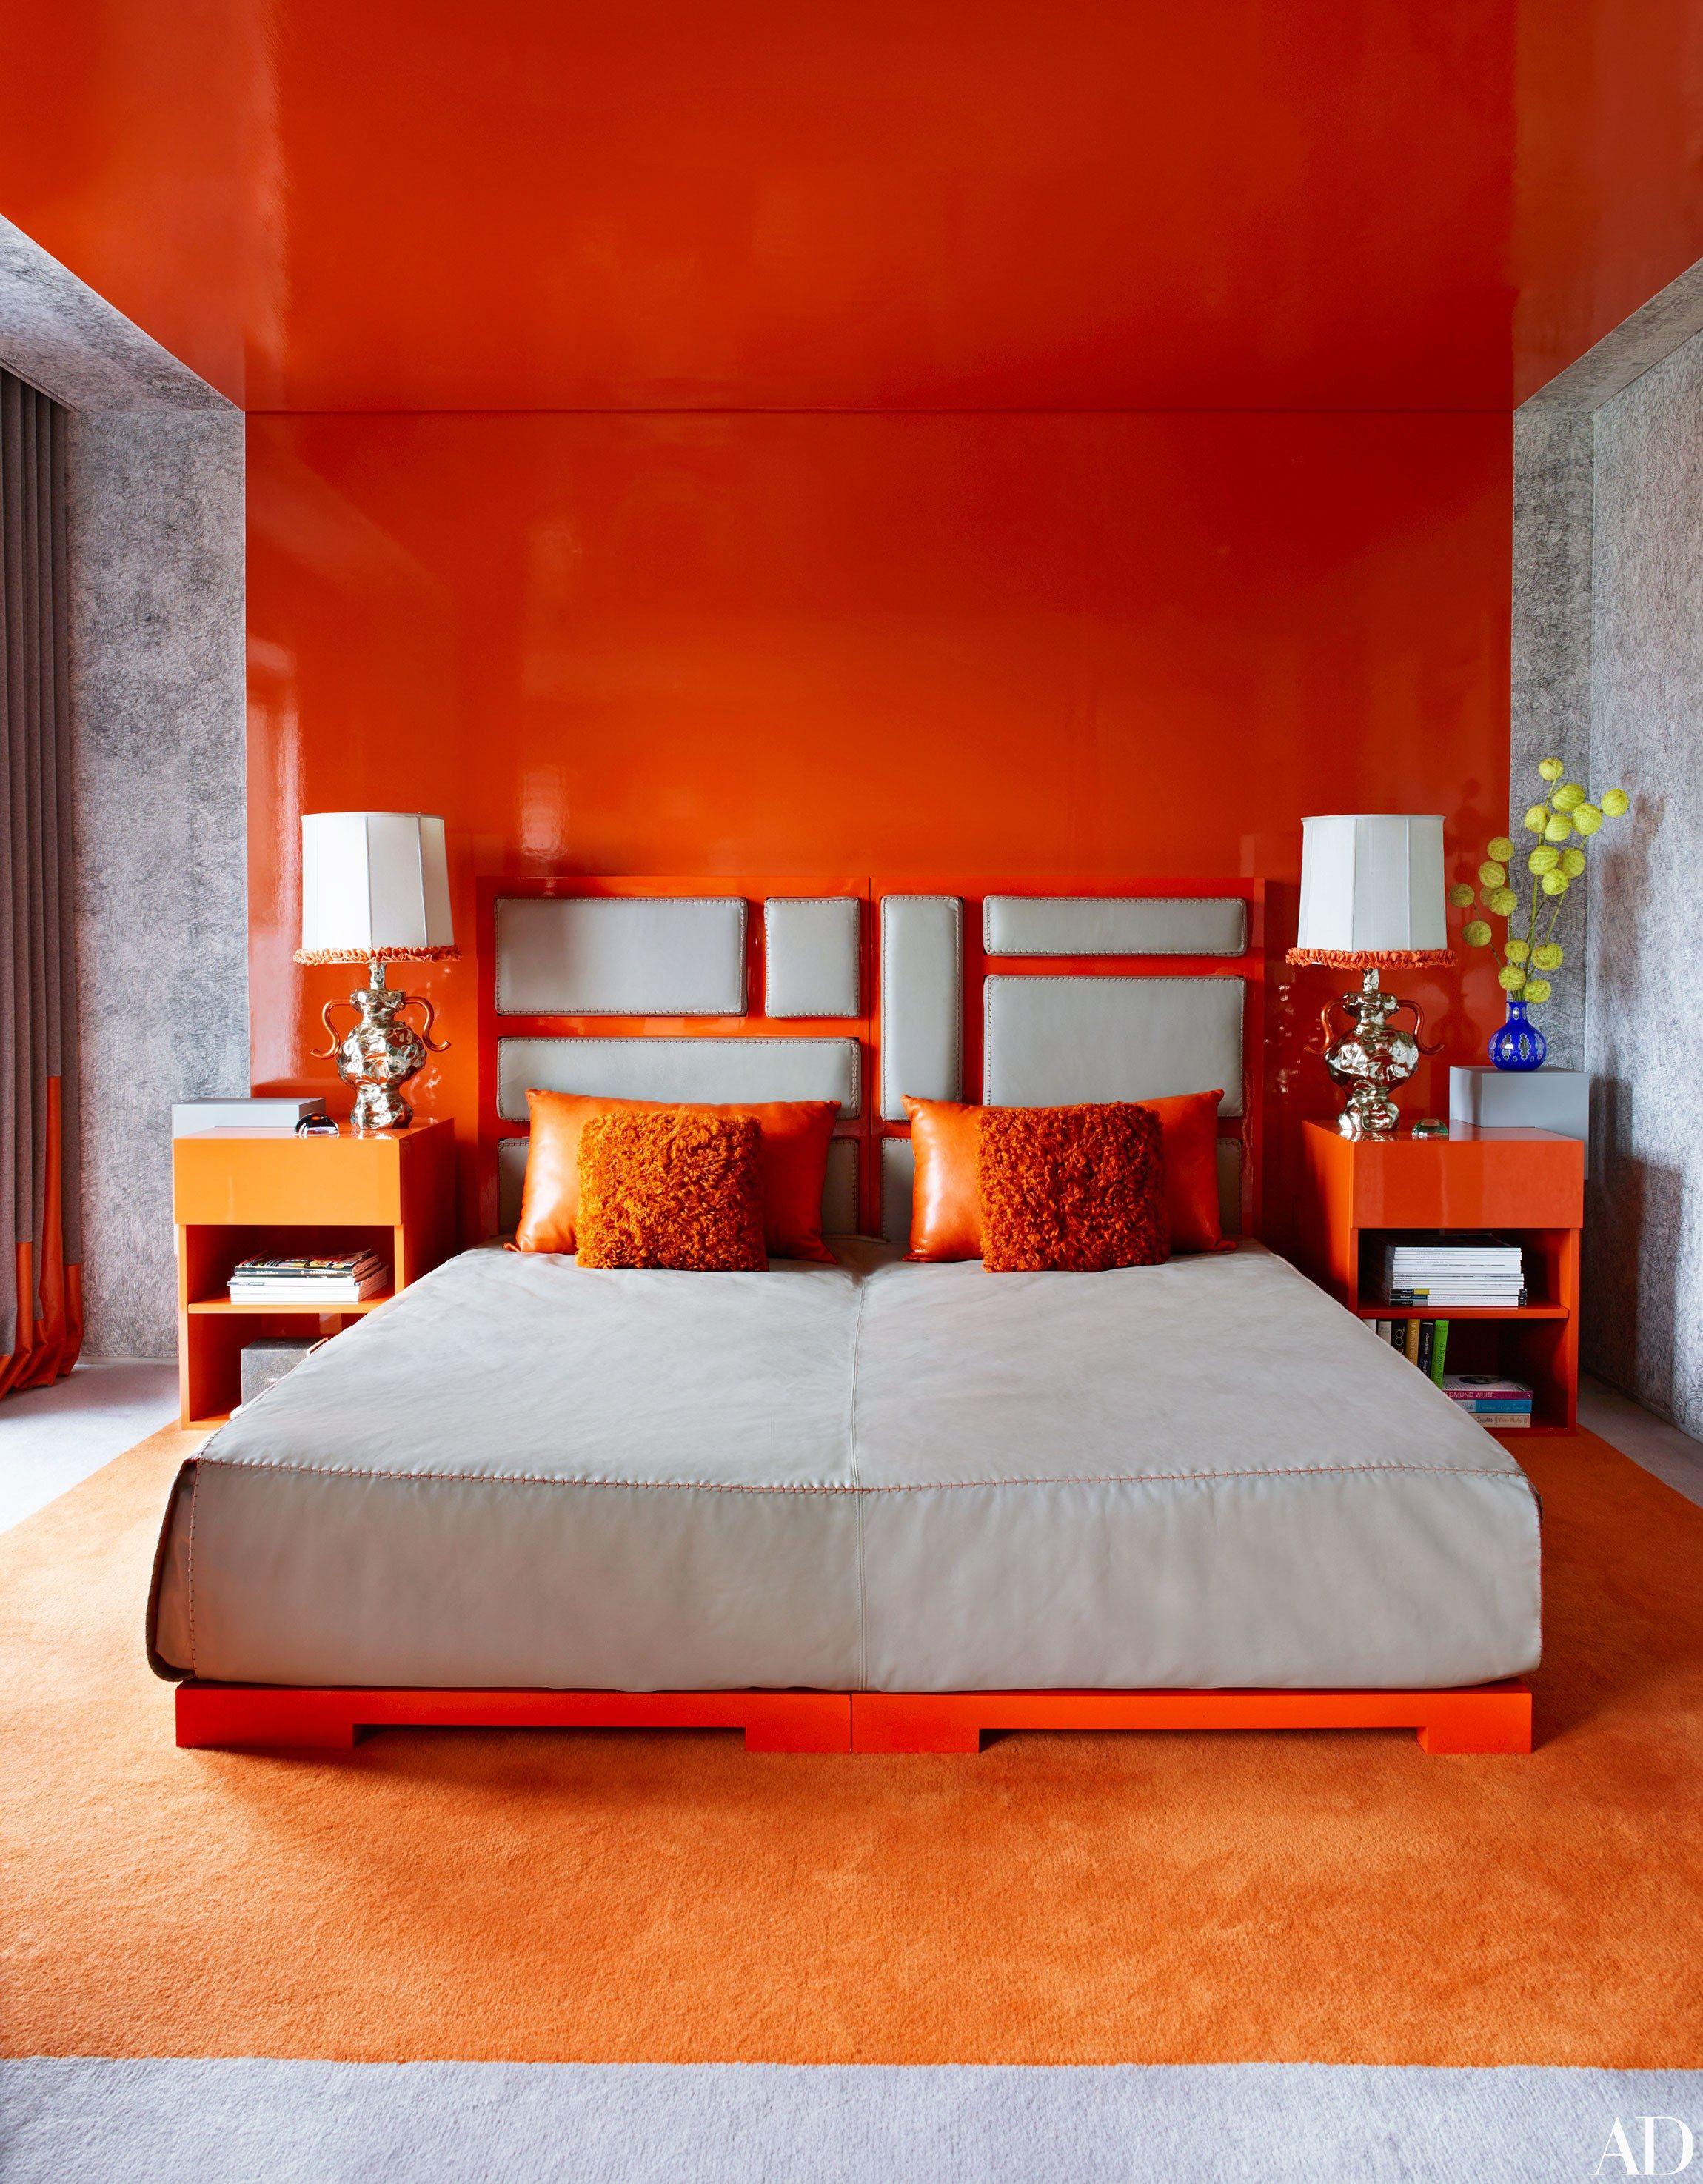 Tour a Hong Kong Apartment Reimagined by Mattia Bonetti | Pinterest